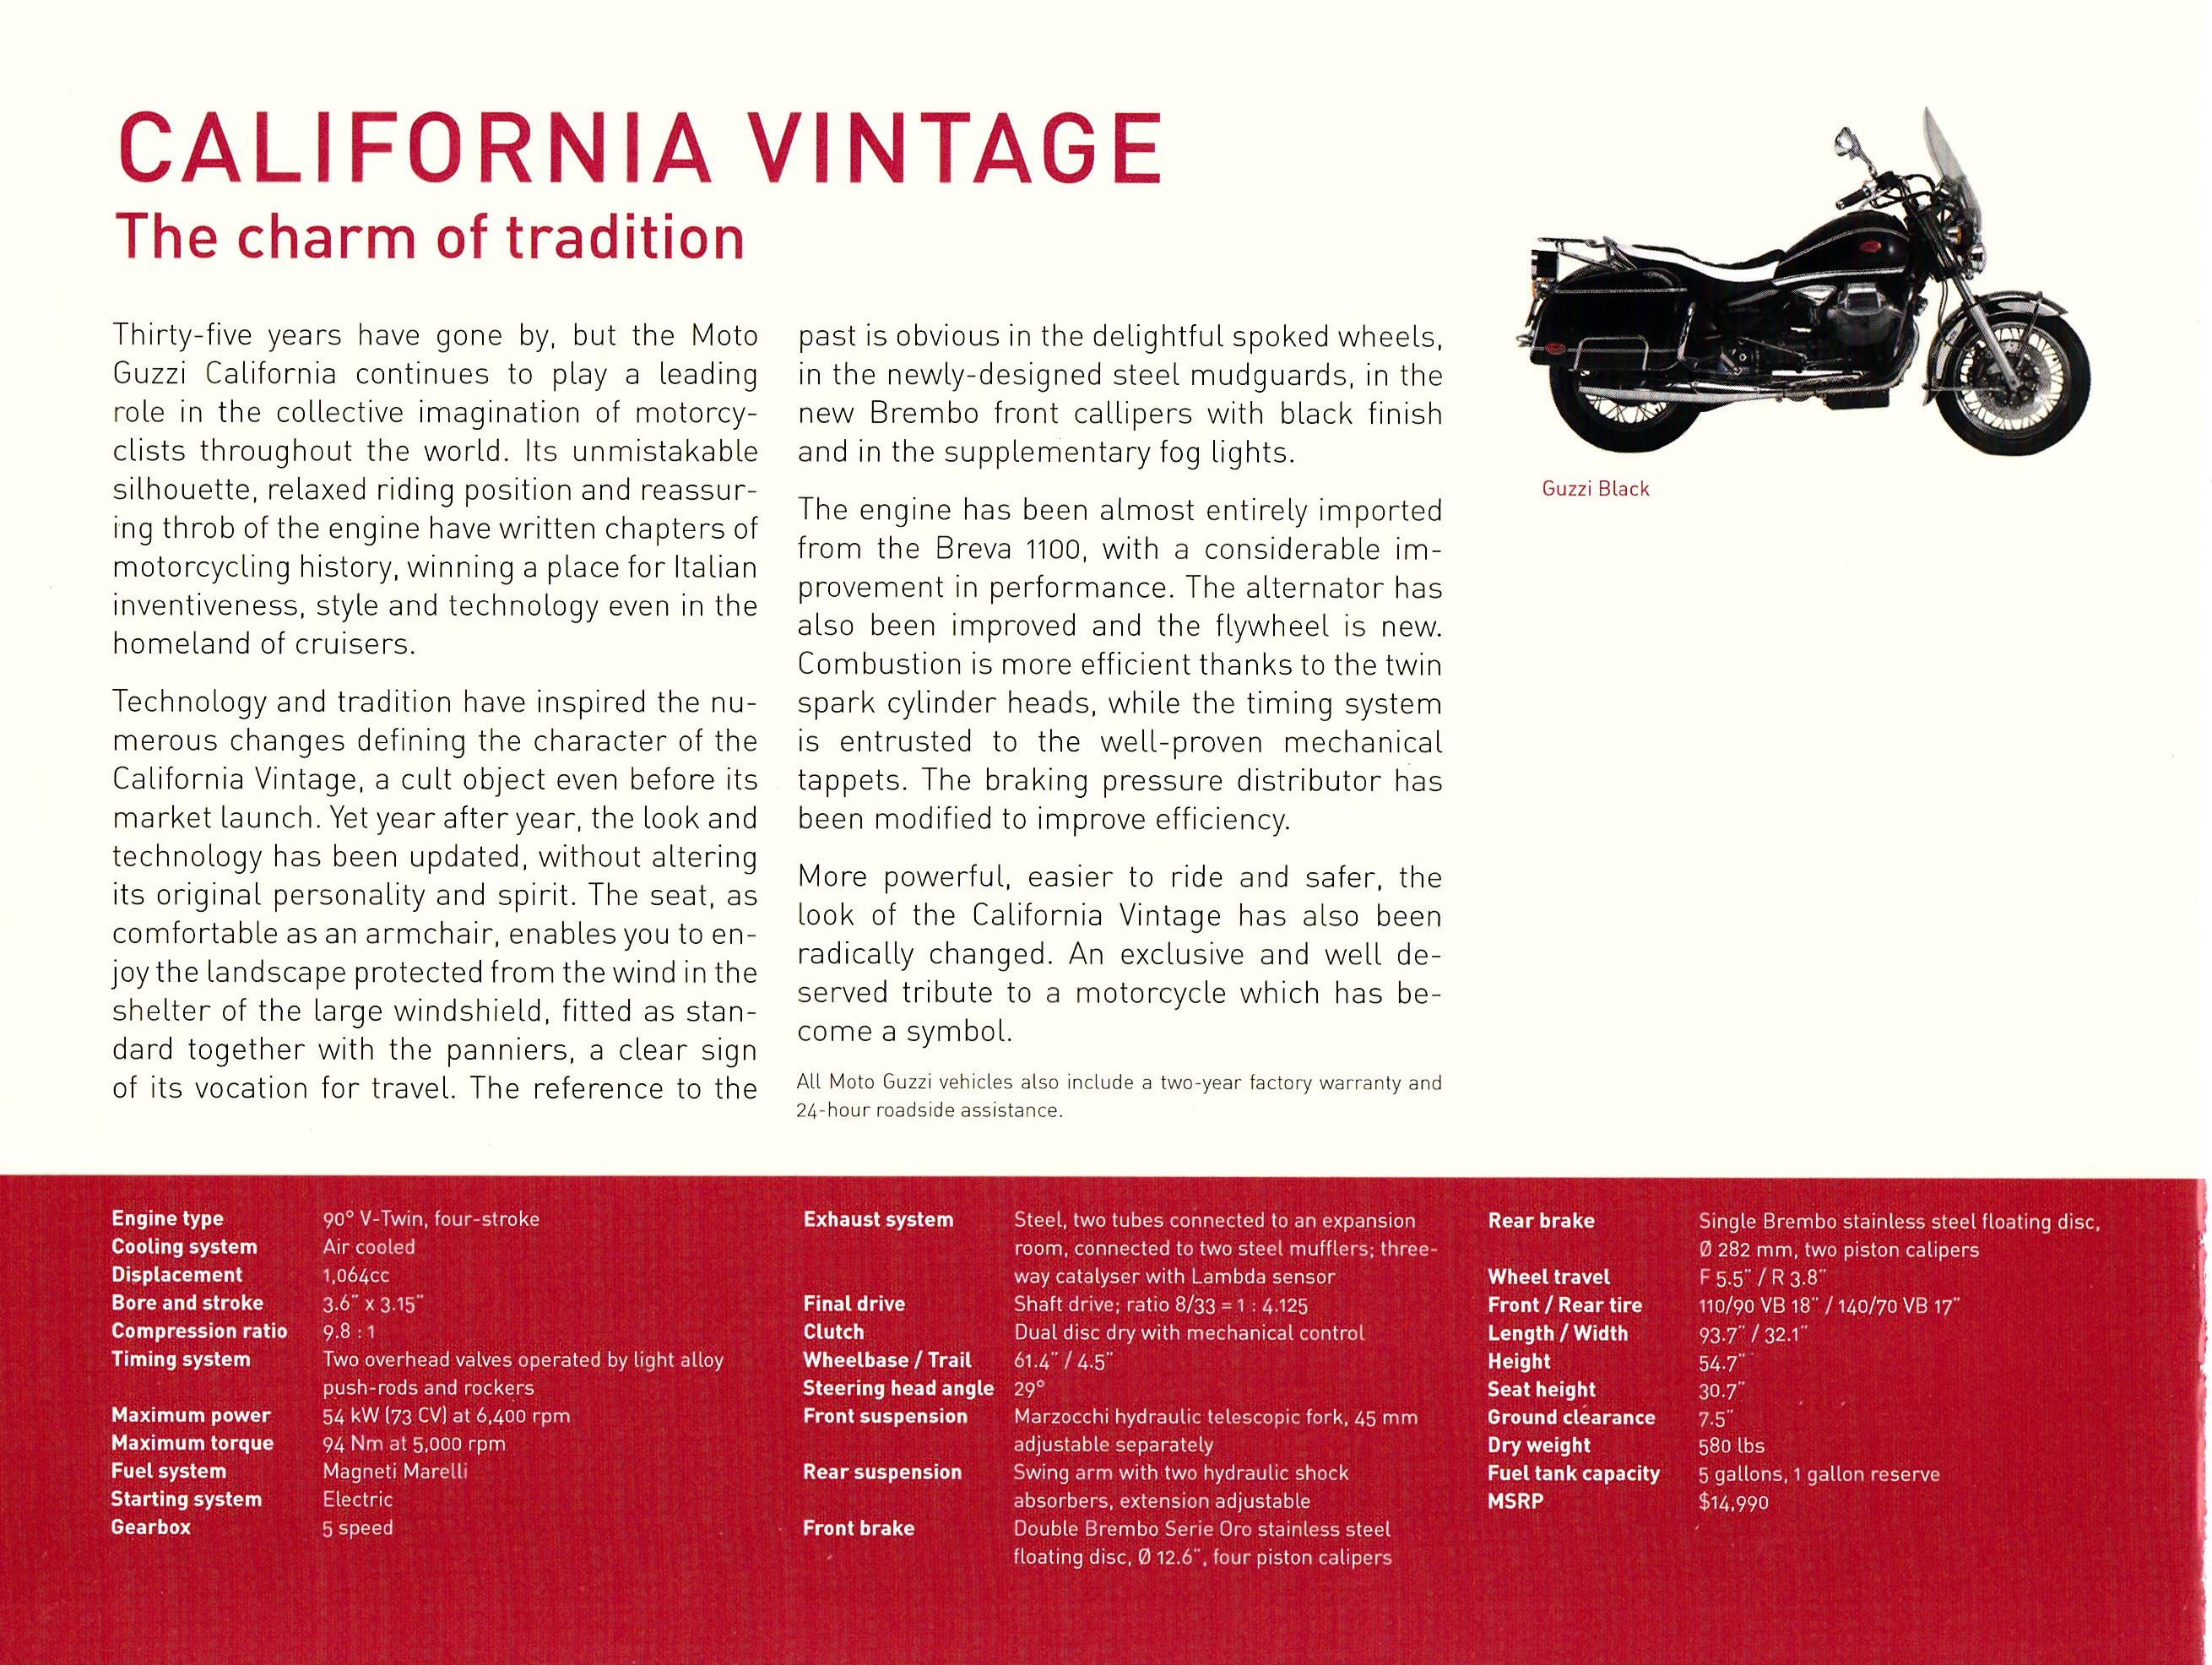 brochure - moto guzzi model range 2007 - more moto guzzi topics - moto guzzi - topics